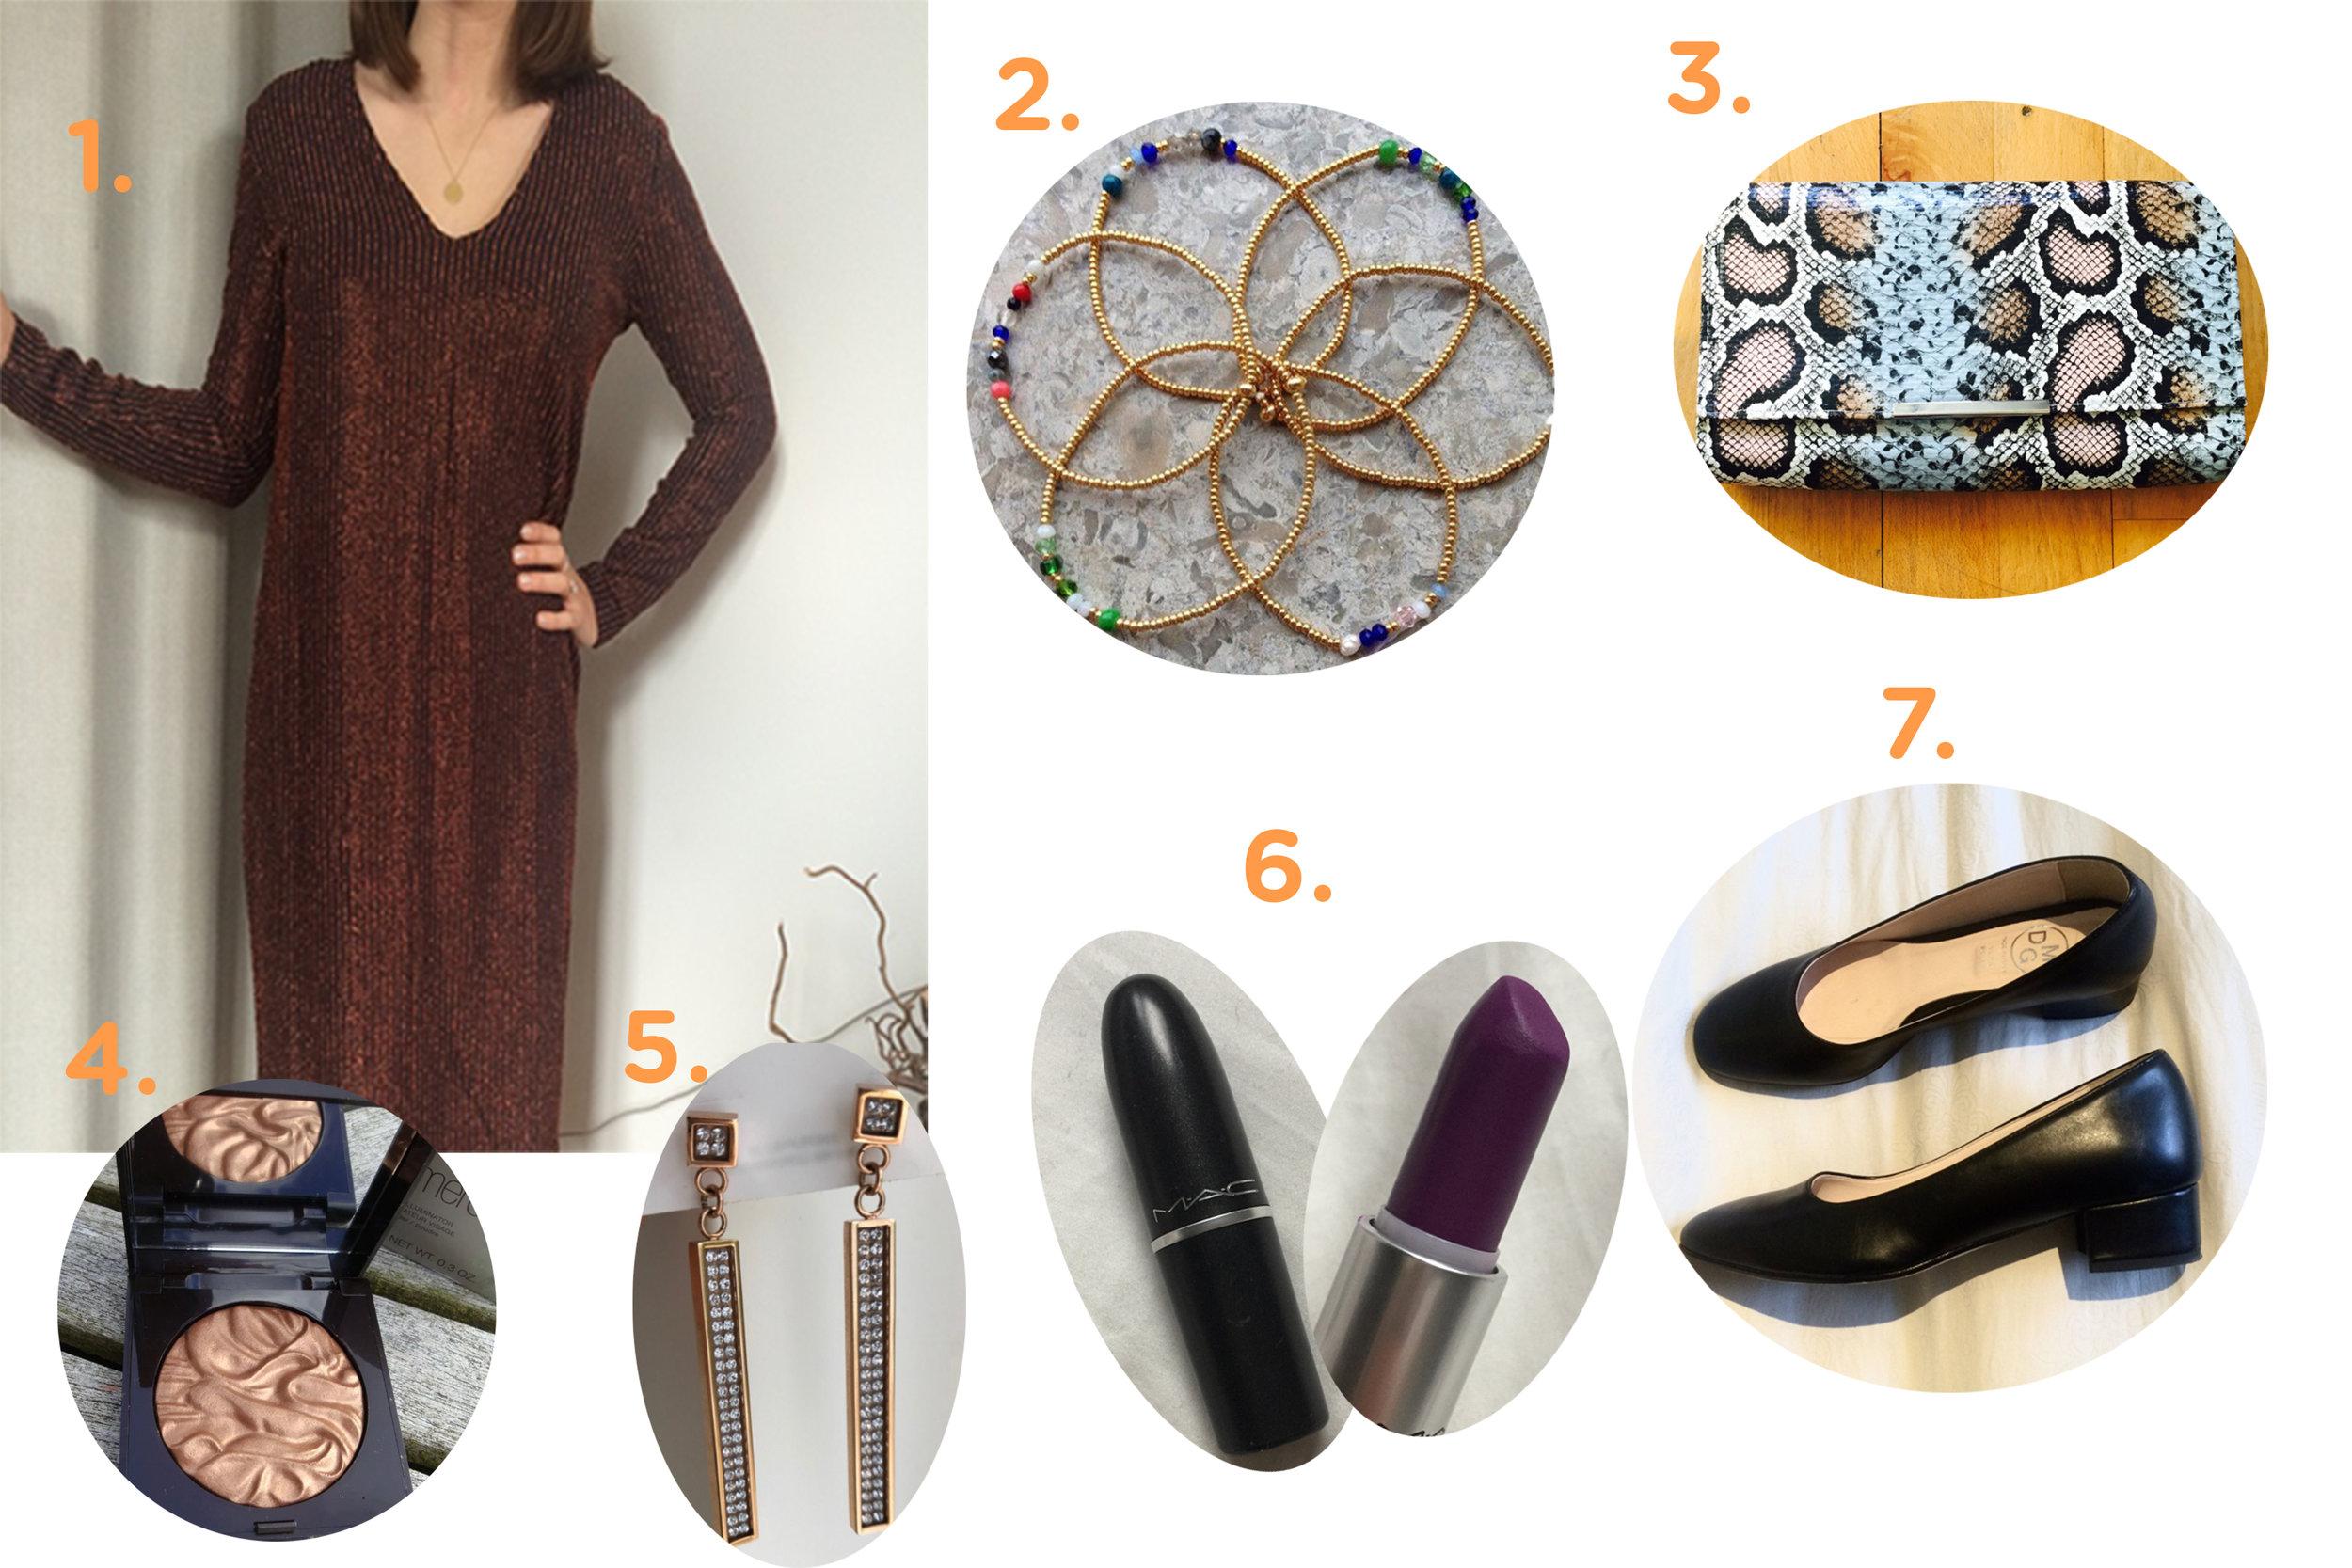 1.  Rød kjole // 2.  Guld armbÃ¥nd // 3.  Clutch // 4.  Laura Mercier bronzer // 5.  Dyrberg/Kern // 6.  MAC Heroine Læbestift // 7.  Ballerinaer med hæl